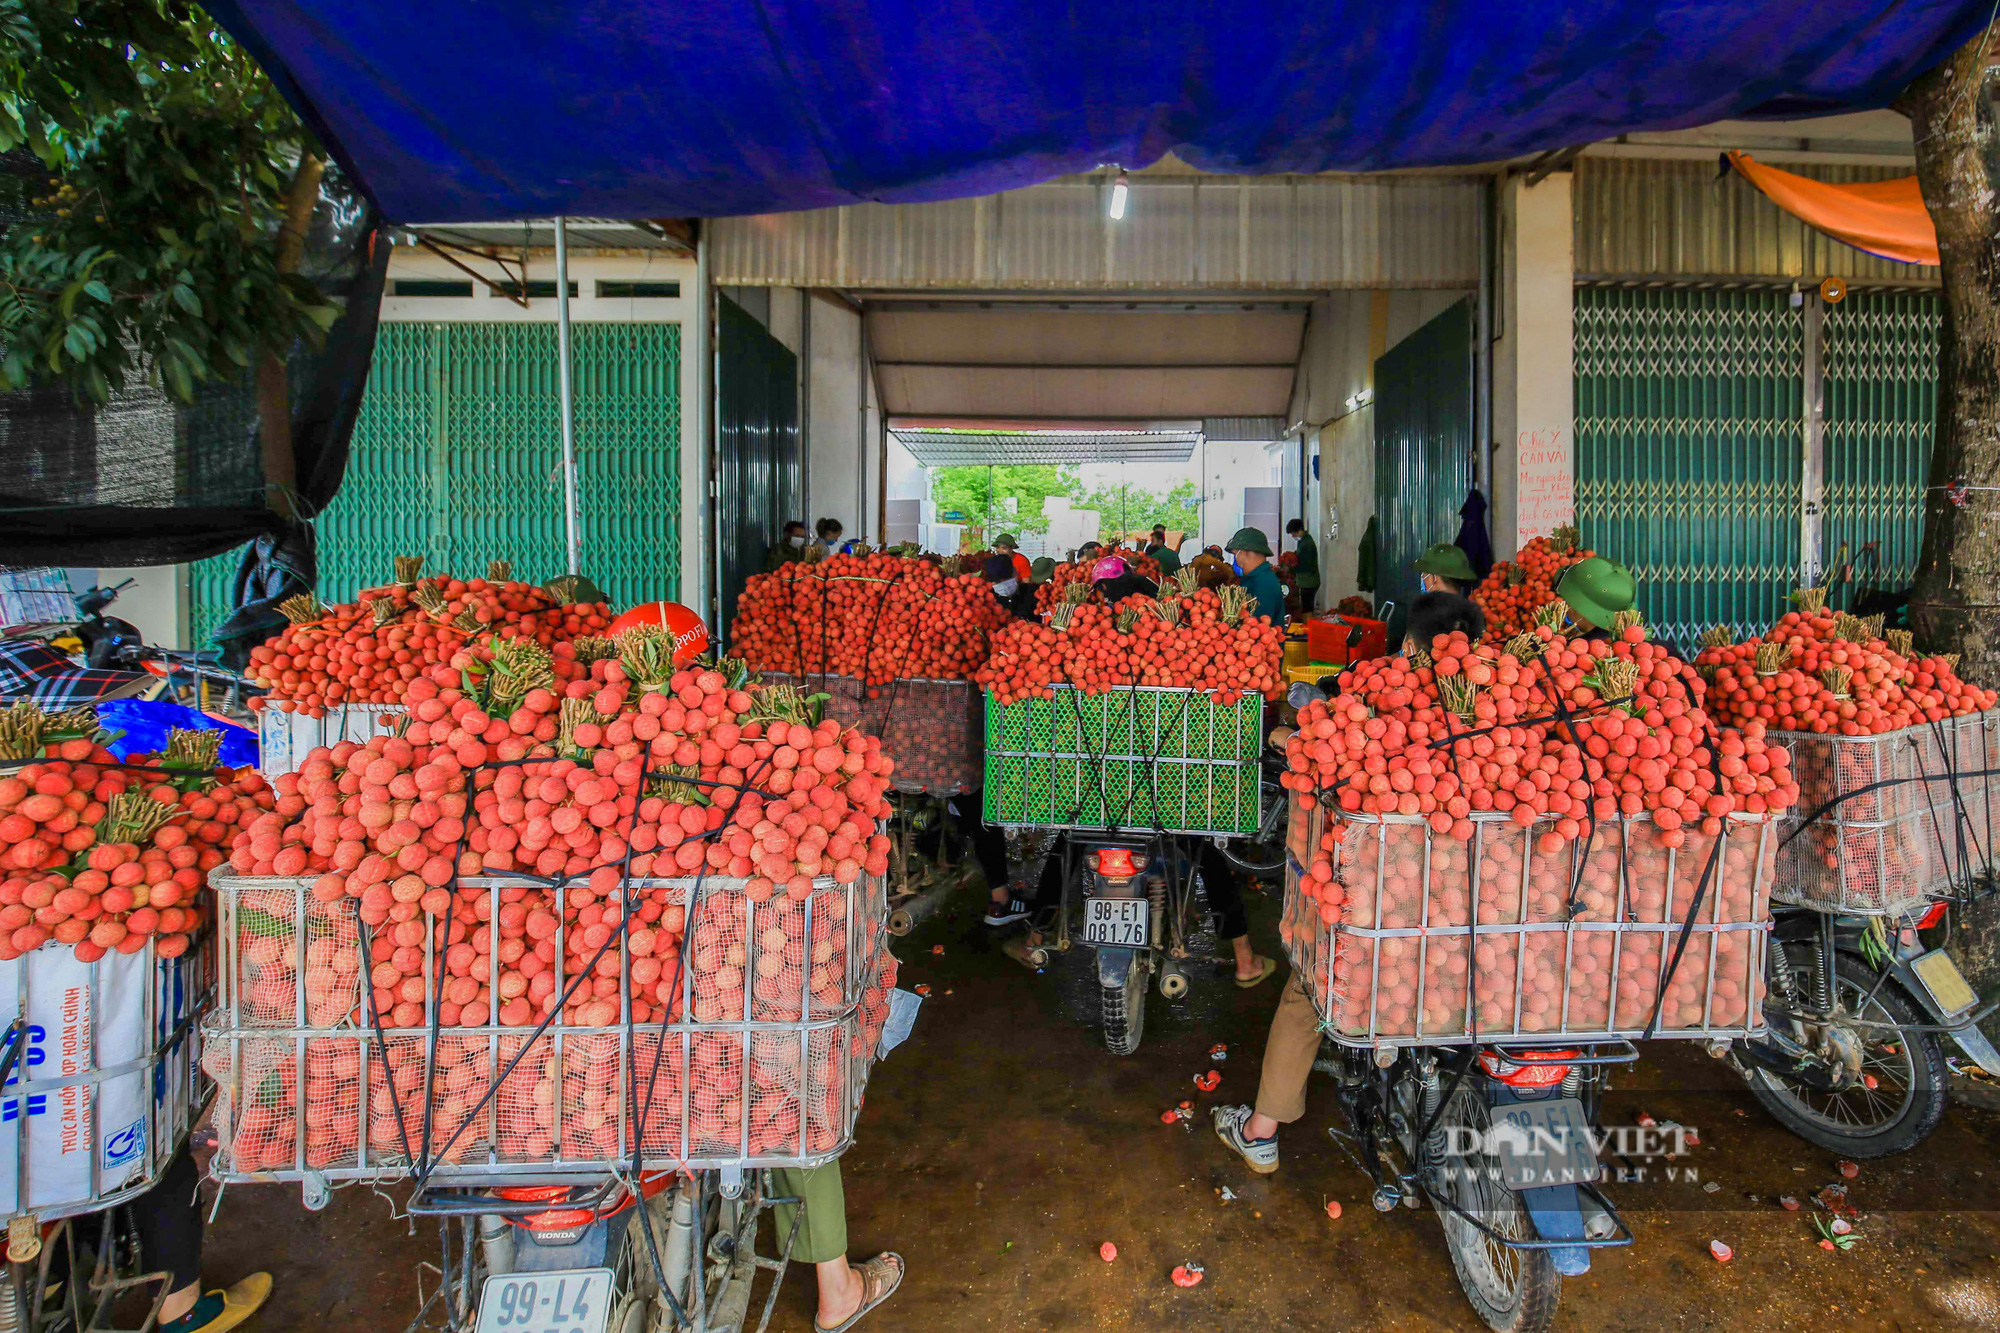 Vải thiều chín rộ đỏ ửng theo lưng nông dân đi tiêu thụ - Ảnh 11.